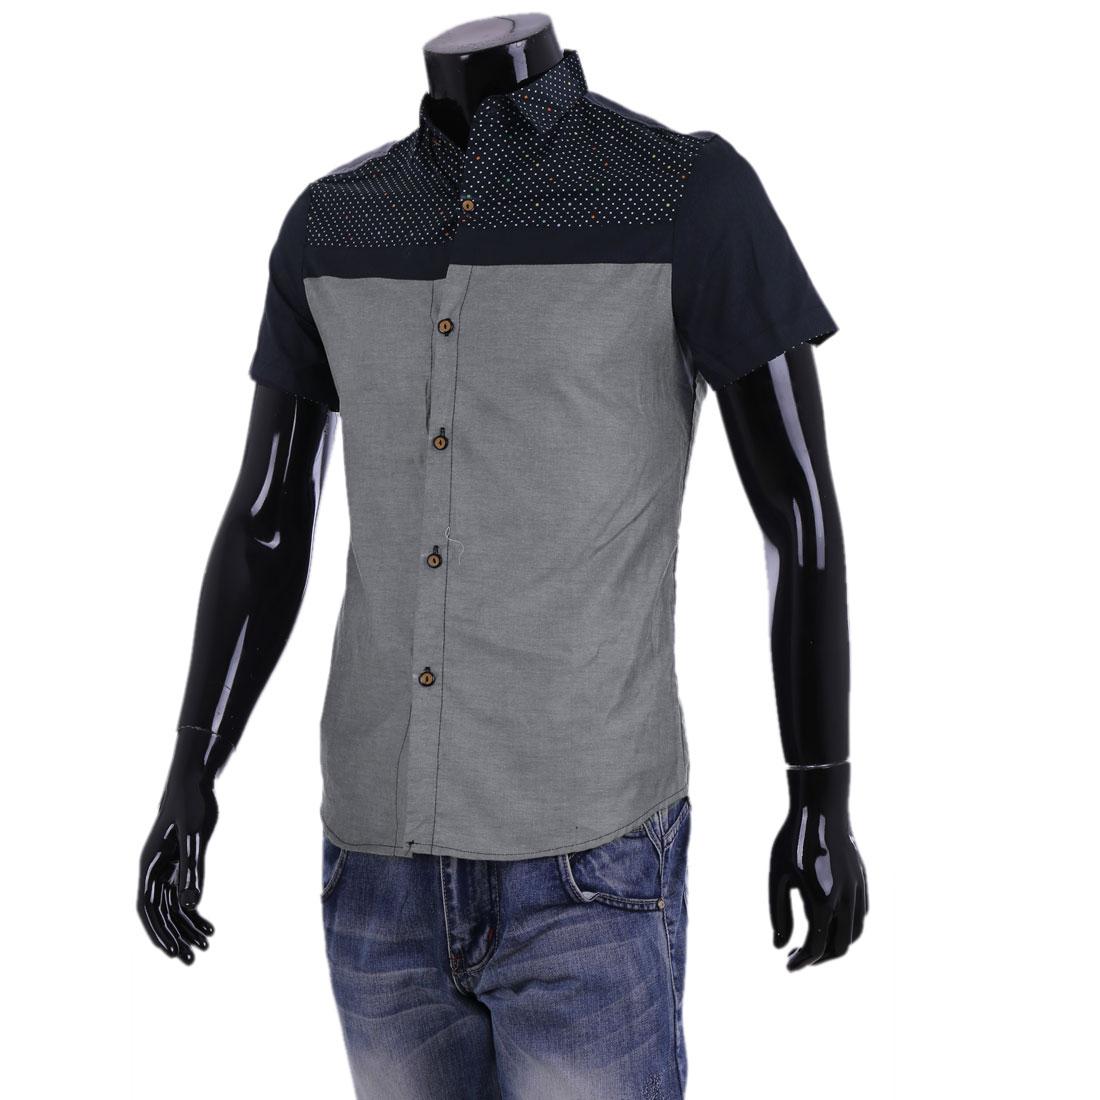 Men Point Collar Button Up Dots Shirt Light Gray Navy Blue M